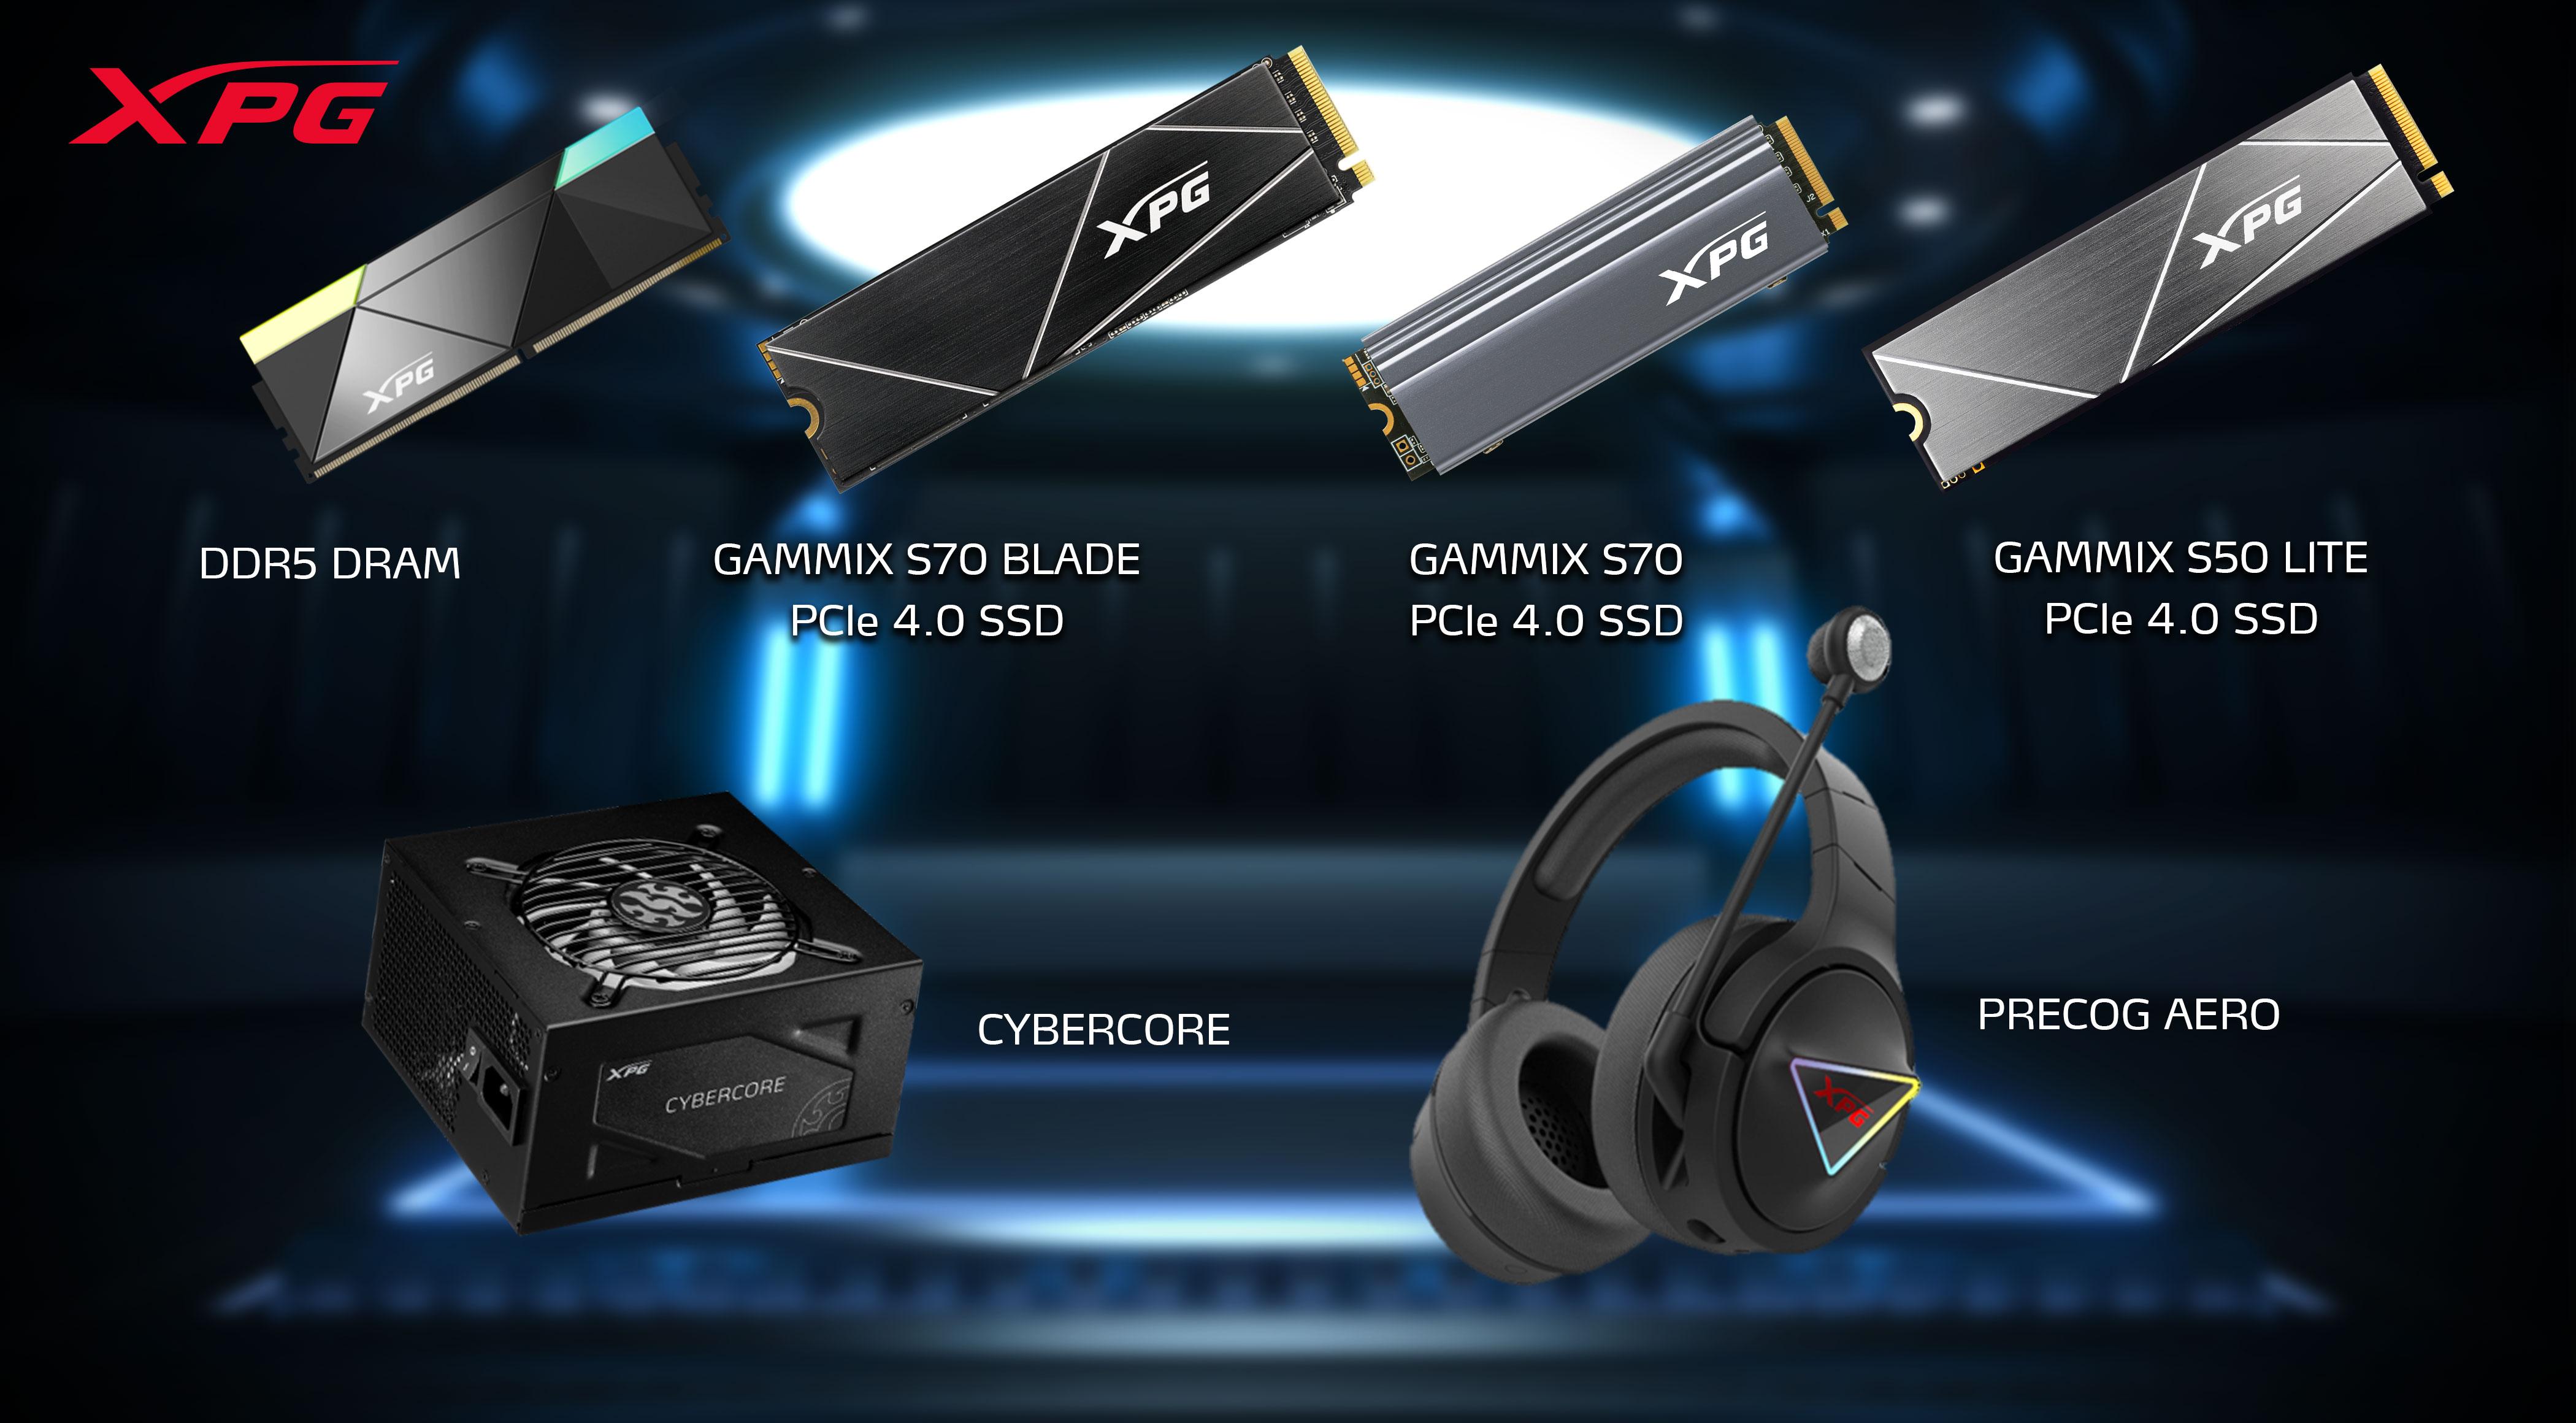 O nouă gamă de produse din seria Xtreme Innovations